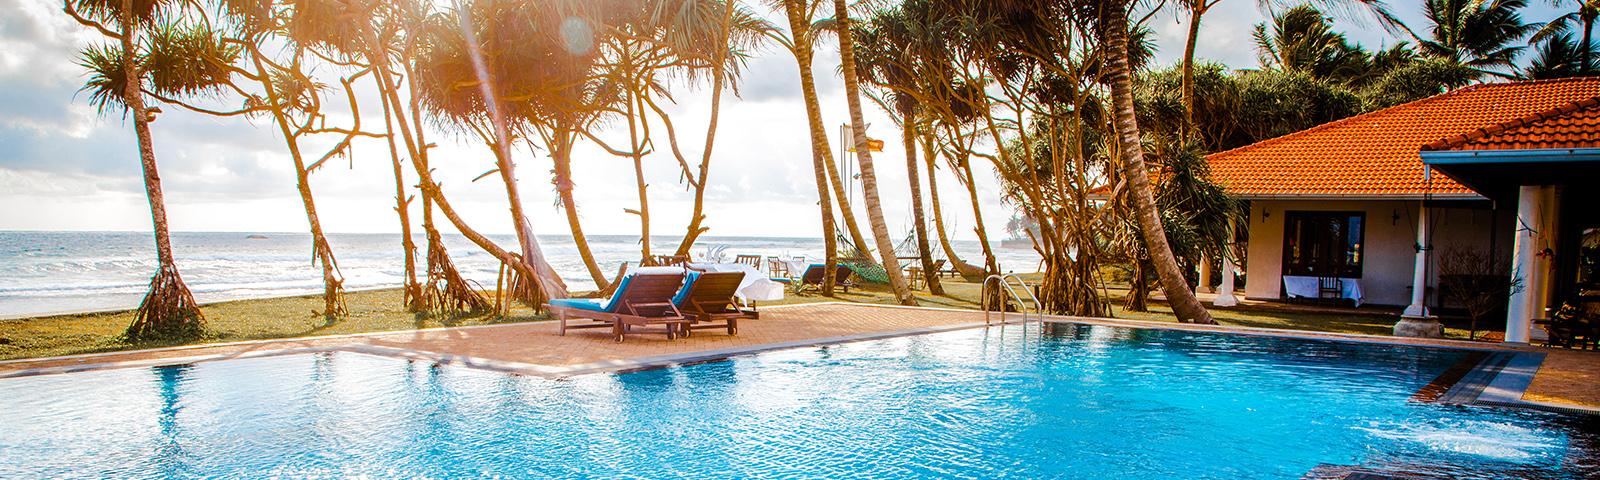 Mosvold Villa Villas In Galle Sri Lanka Tailor Made